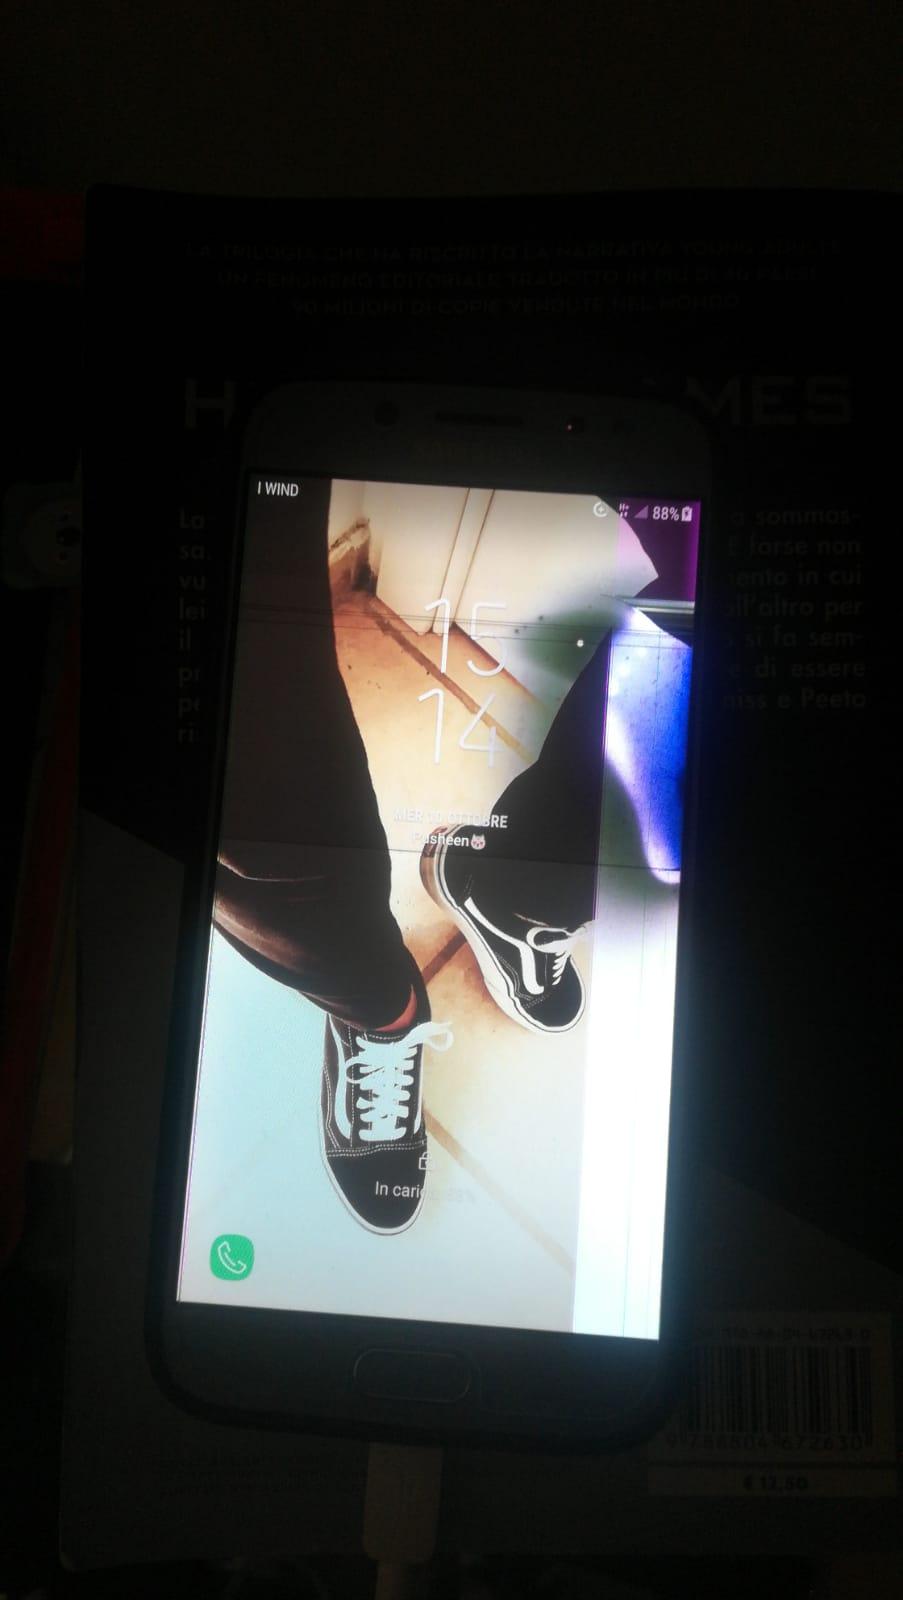 Centro Assistenza Samsung Ragusa.Problema Al Display Macchie Aloni Pagina 9 Samsung